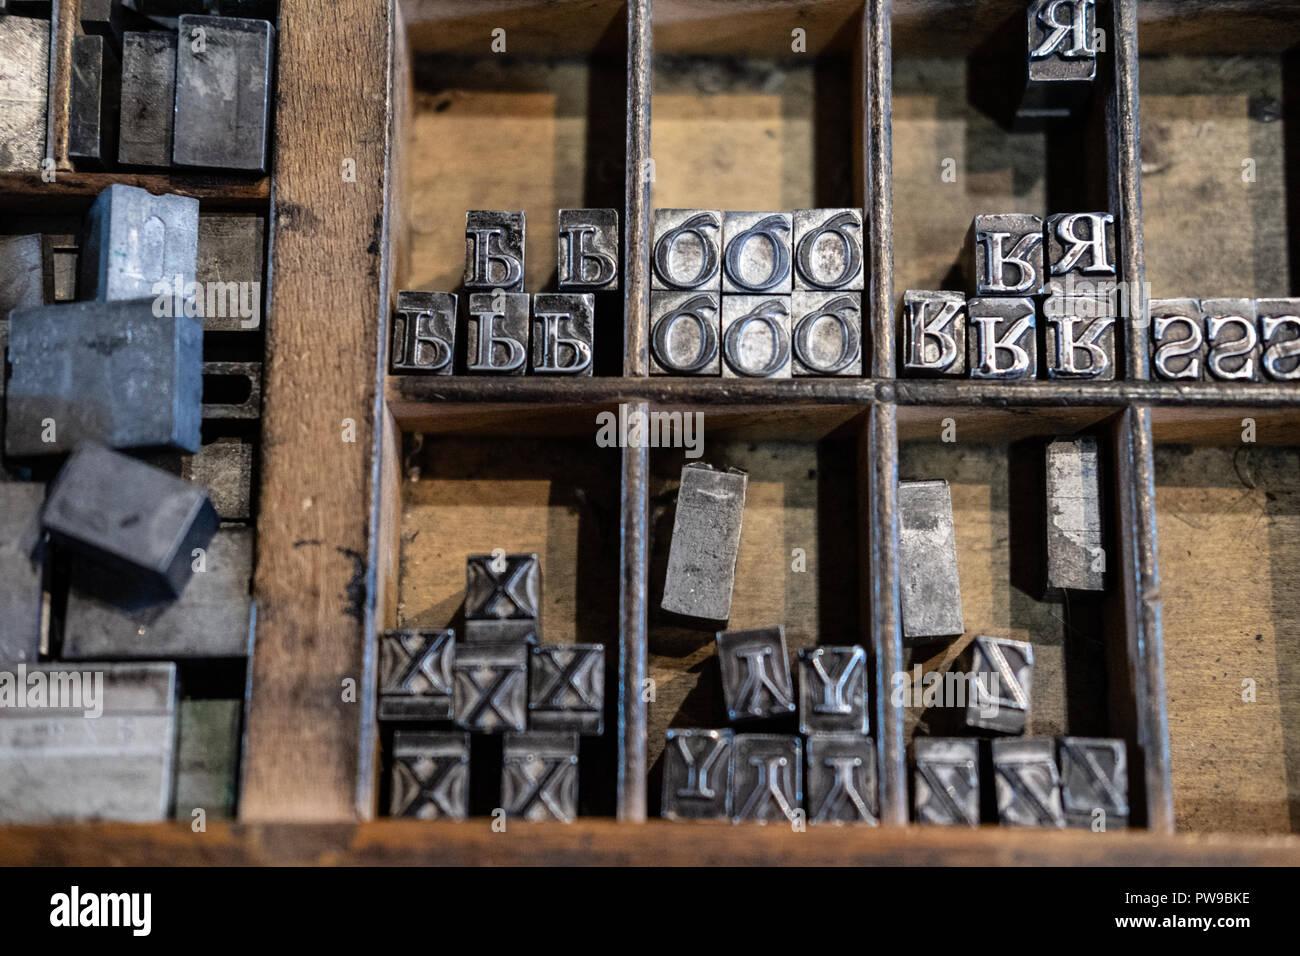 Wooden drawer of metal type blocks for printing - Stock Image